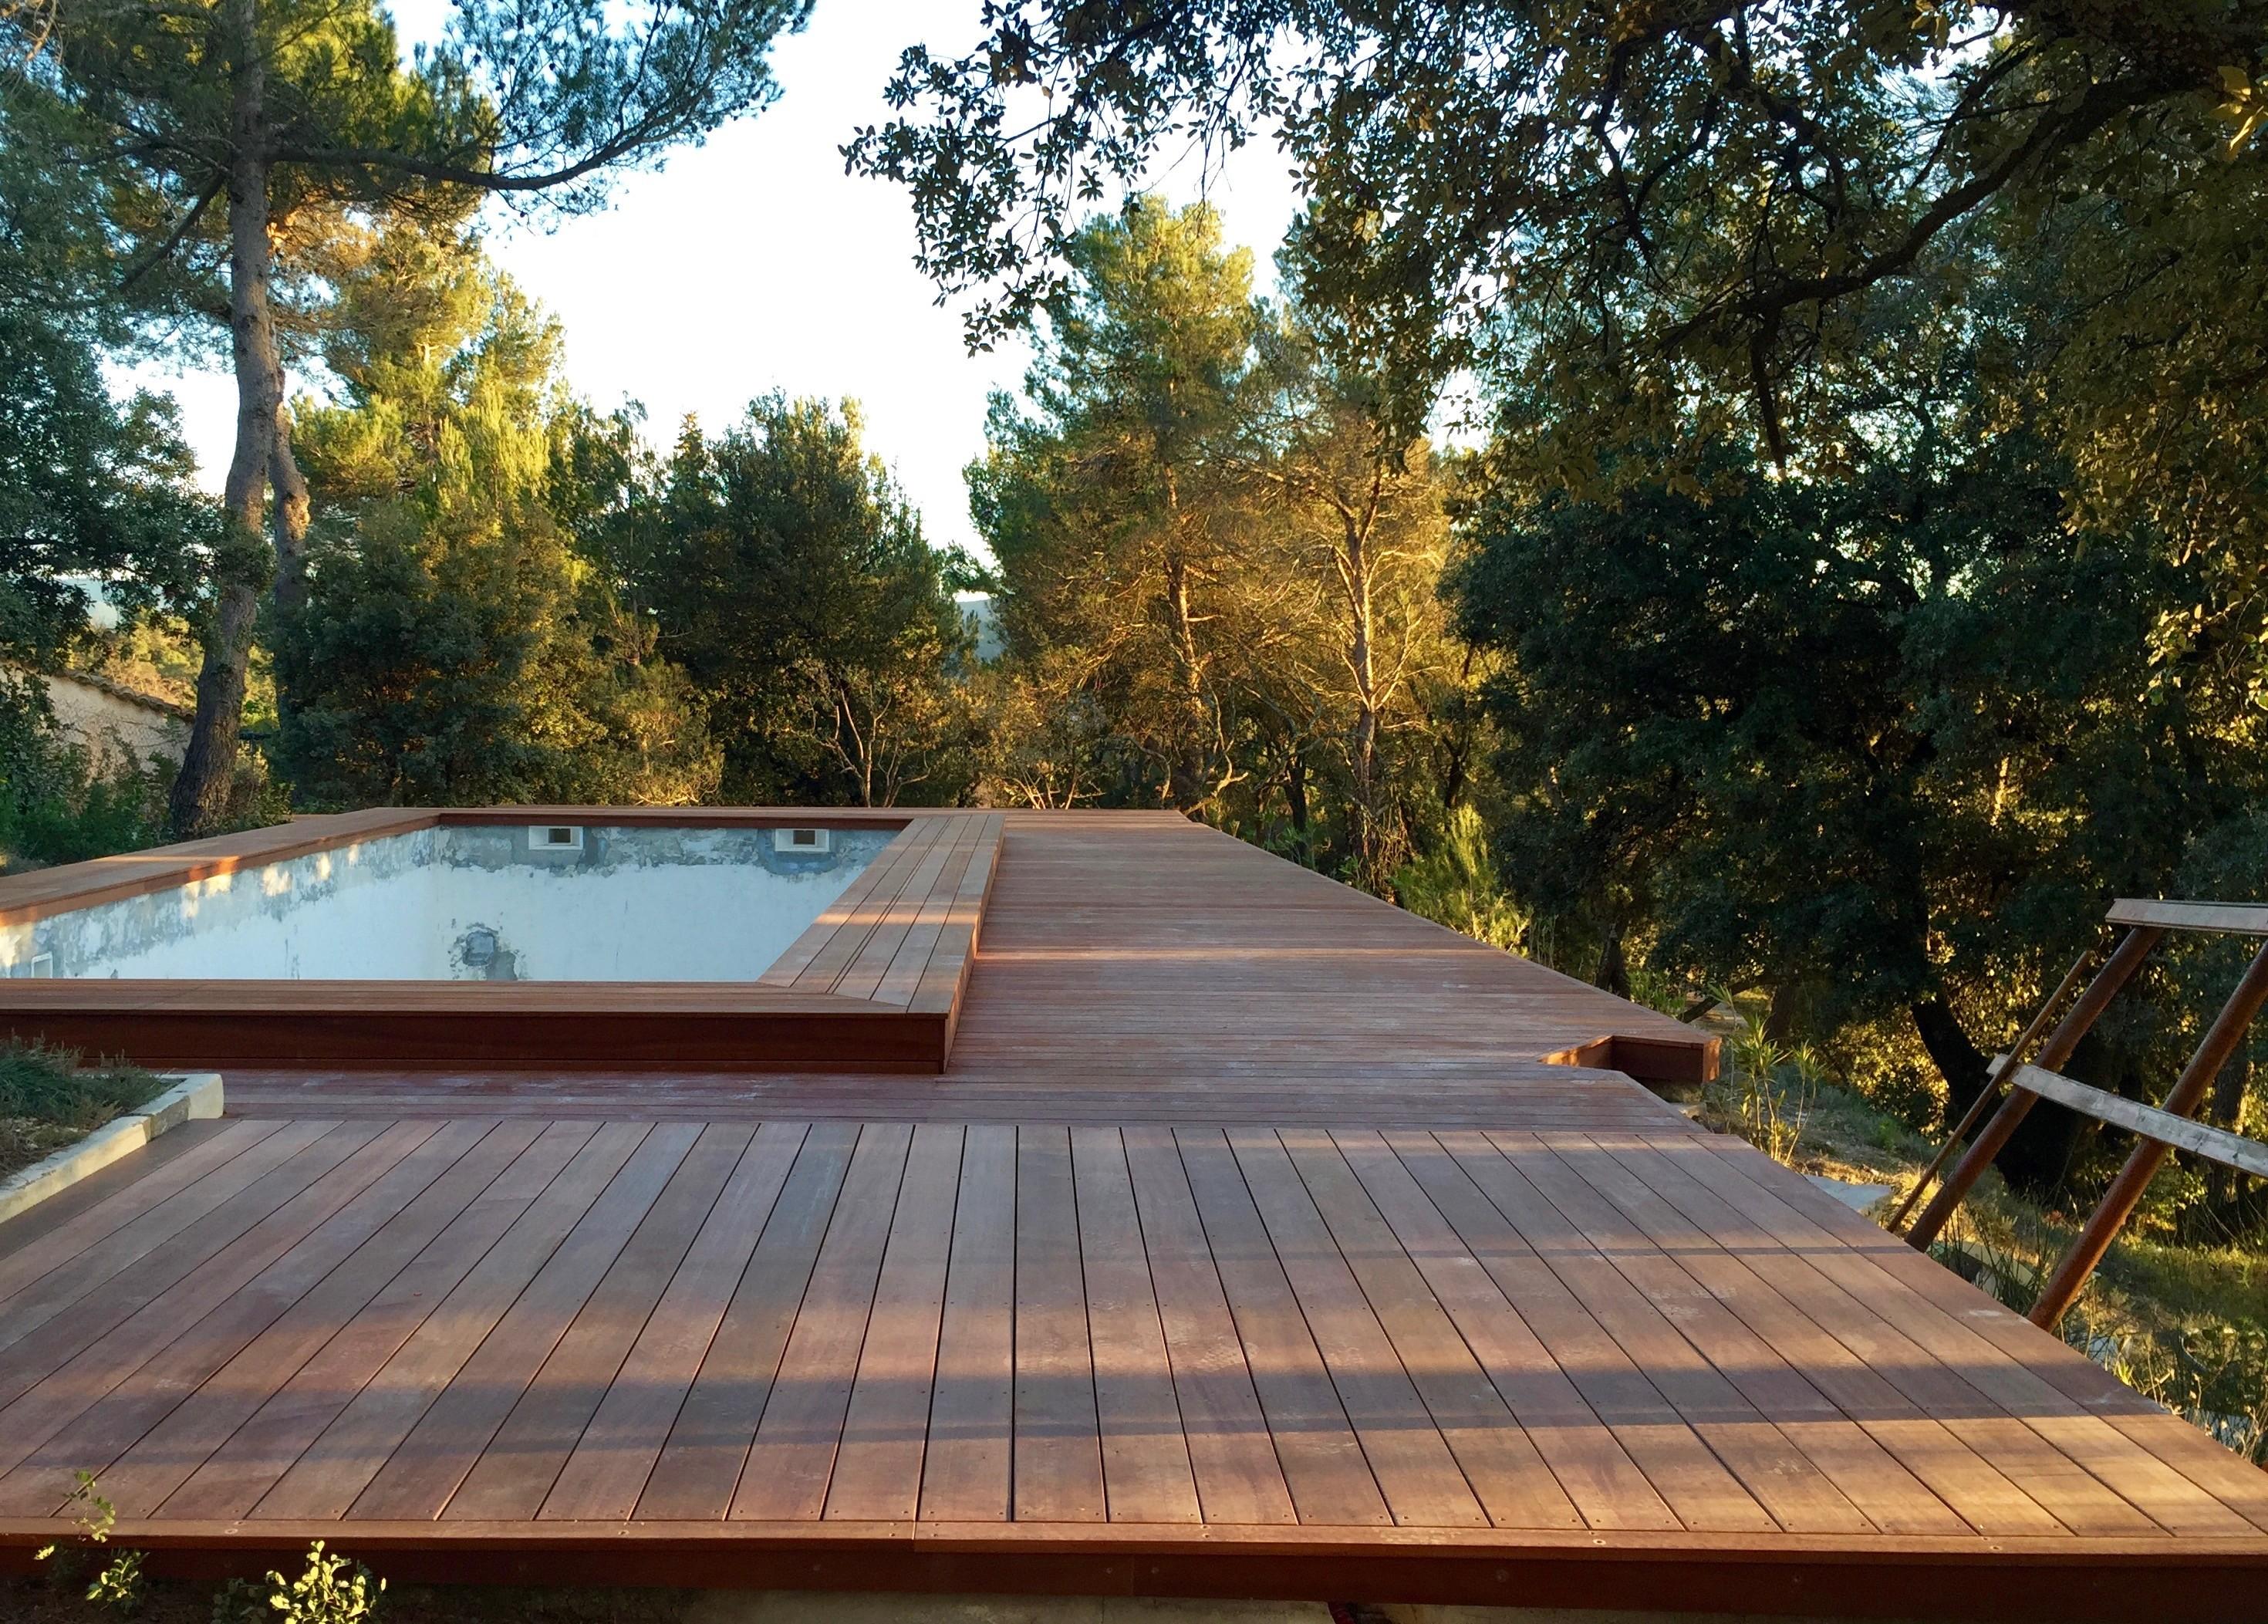 Plage piscine bois vaison la romaine am nagement de for Piscine romaine